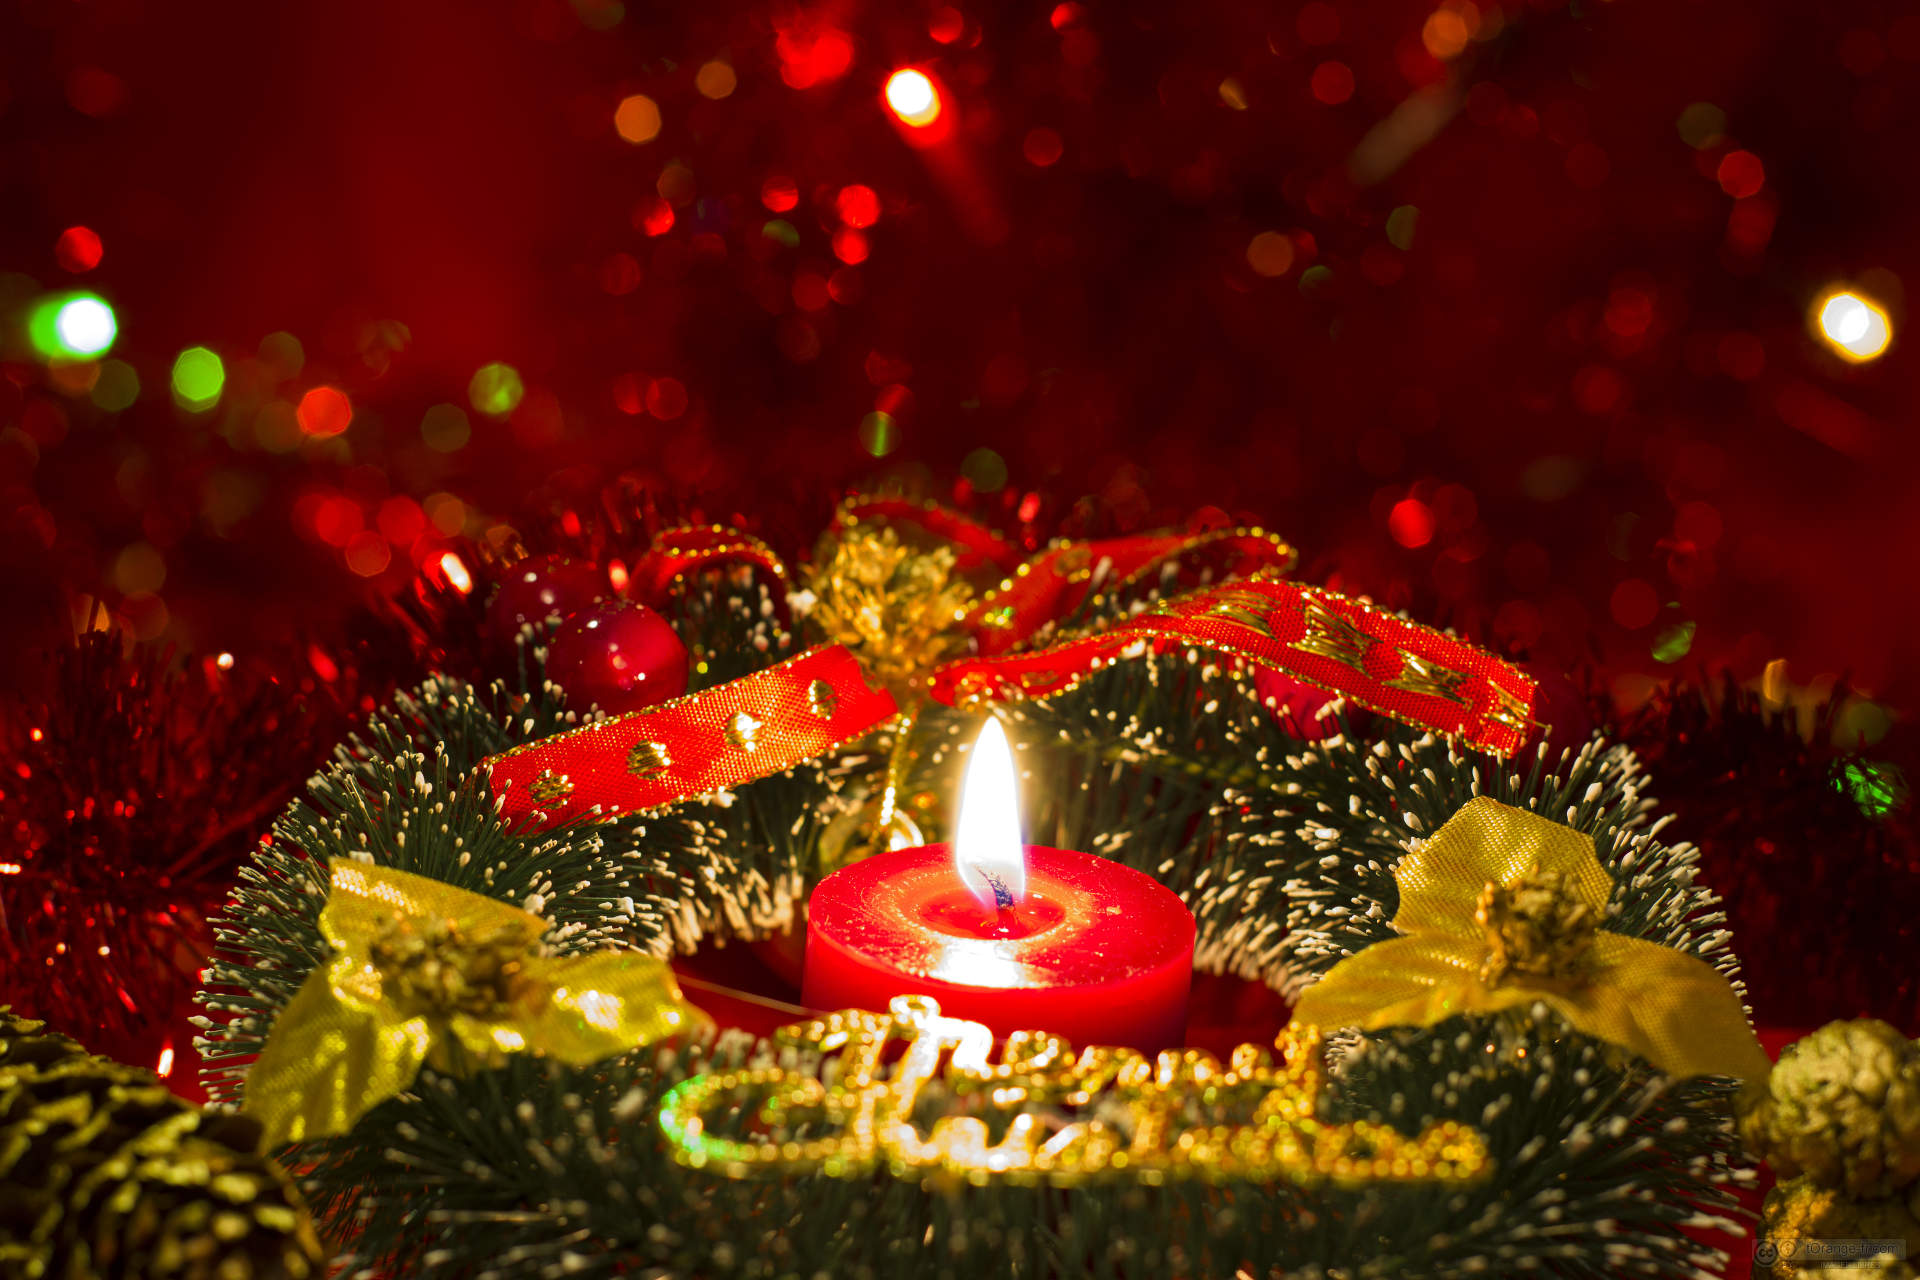 Image De Joyeux Noel 2019.Joyeux Noel Et Meilleurs Voeux Pour 2019 Association